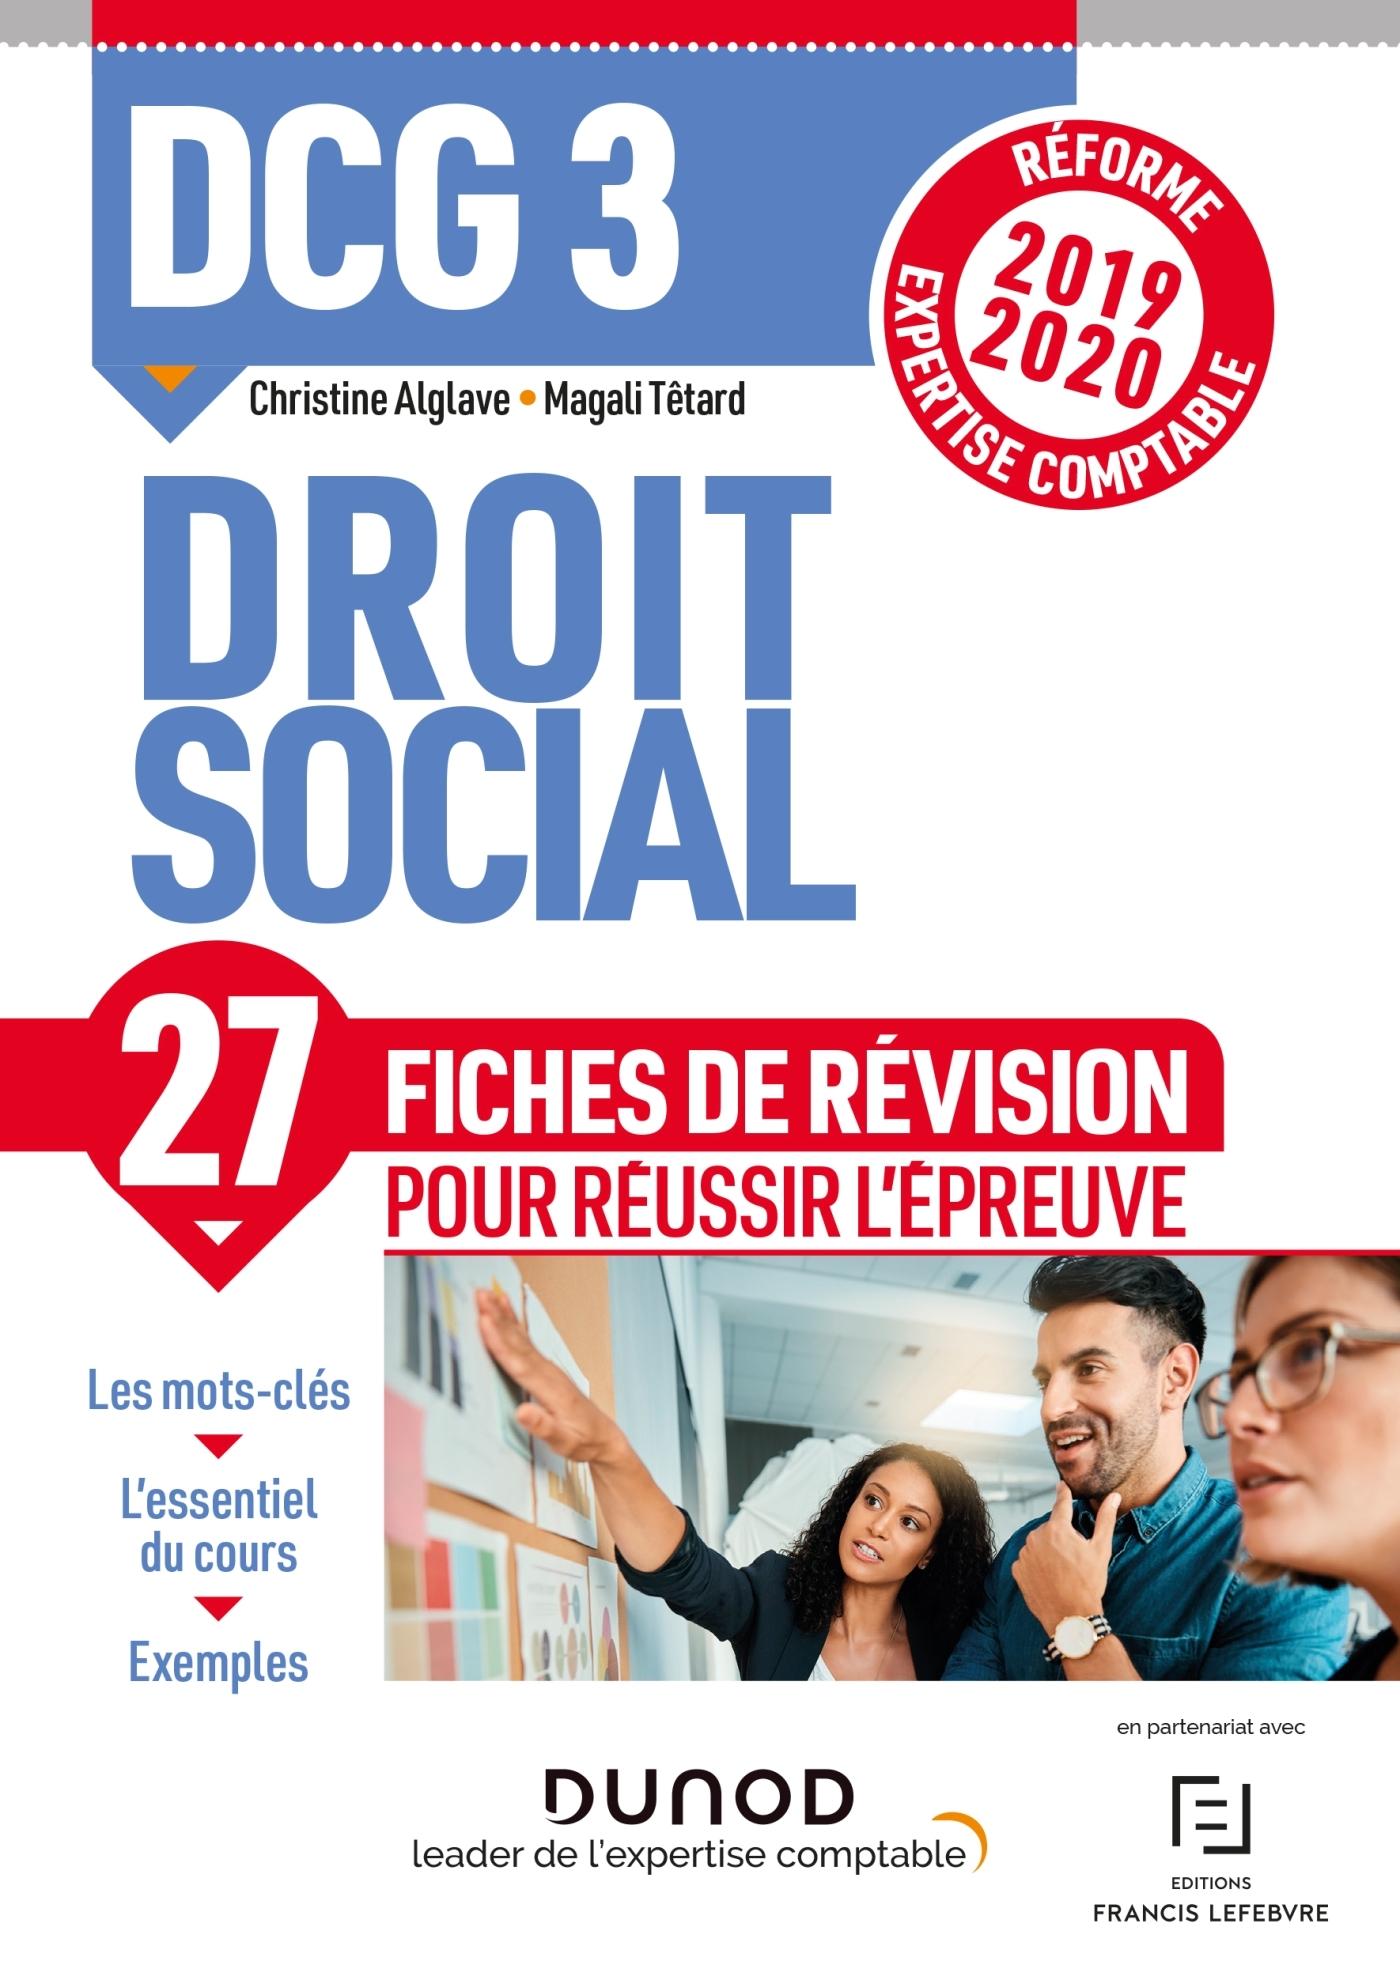 DCG 3 - DROIT SOCIAL - FICHES DE REVISION - REFORME 2019-2020 - REFORME EXPERTISE COMPTABLE 2019-202